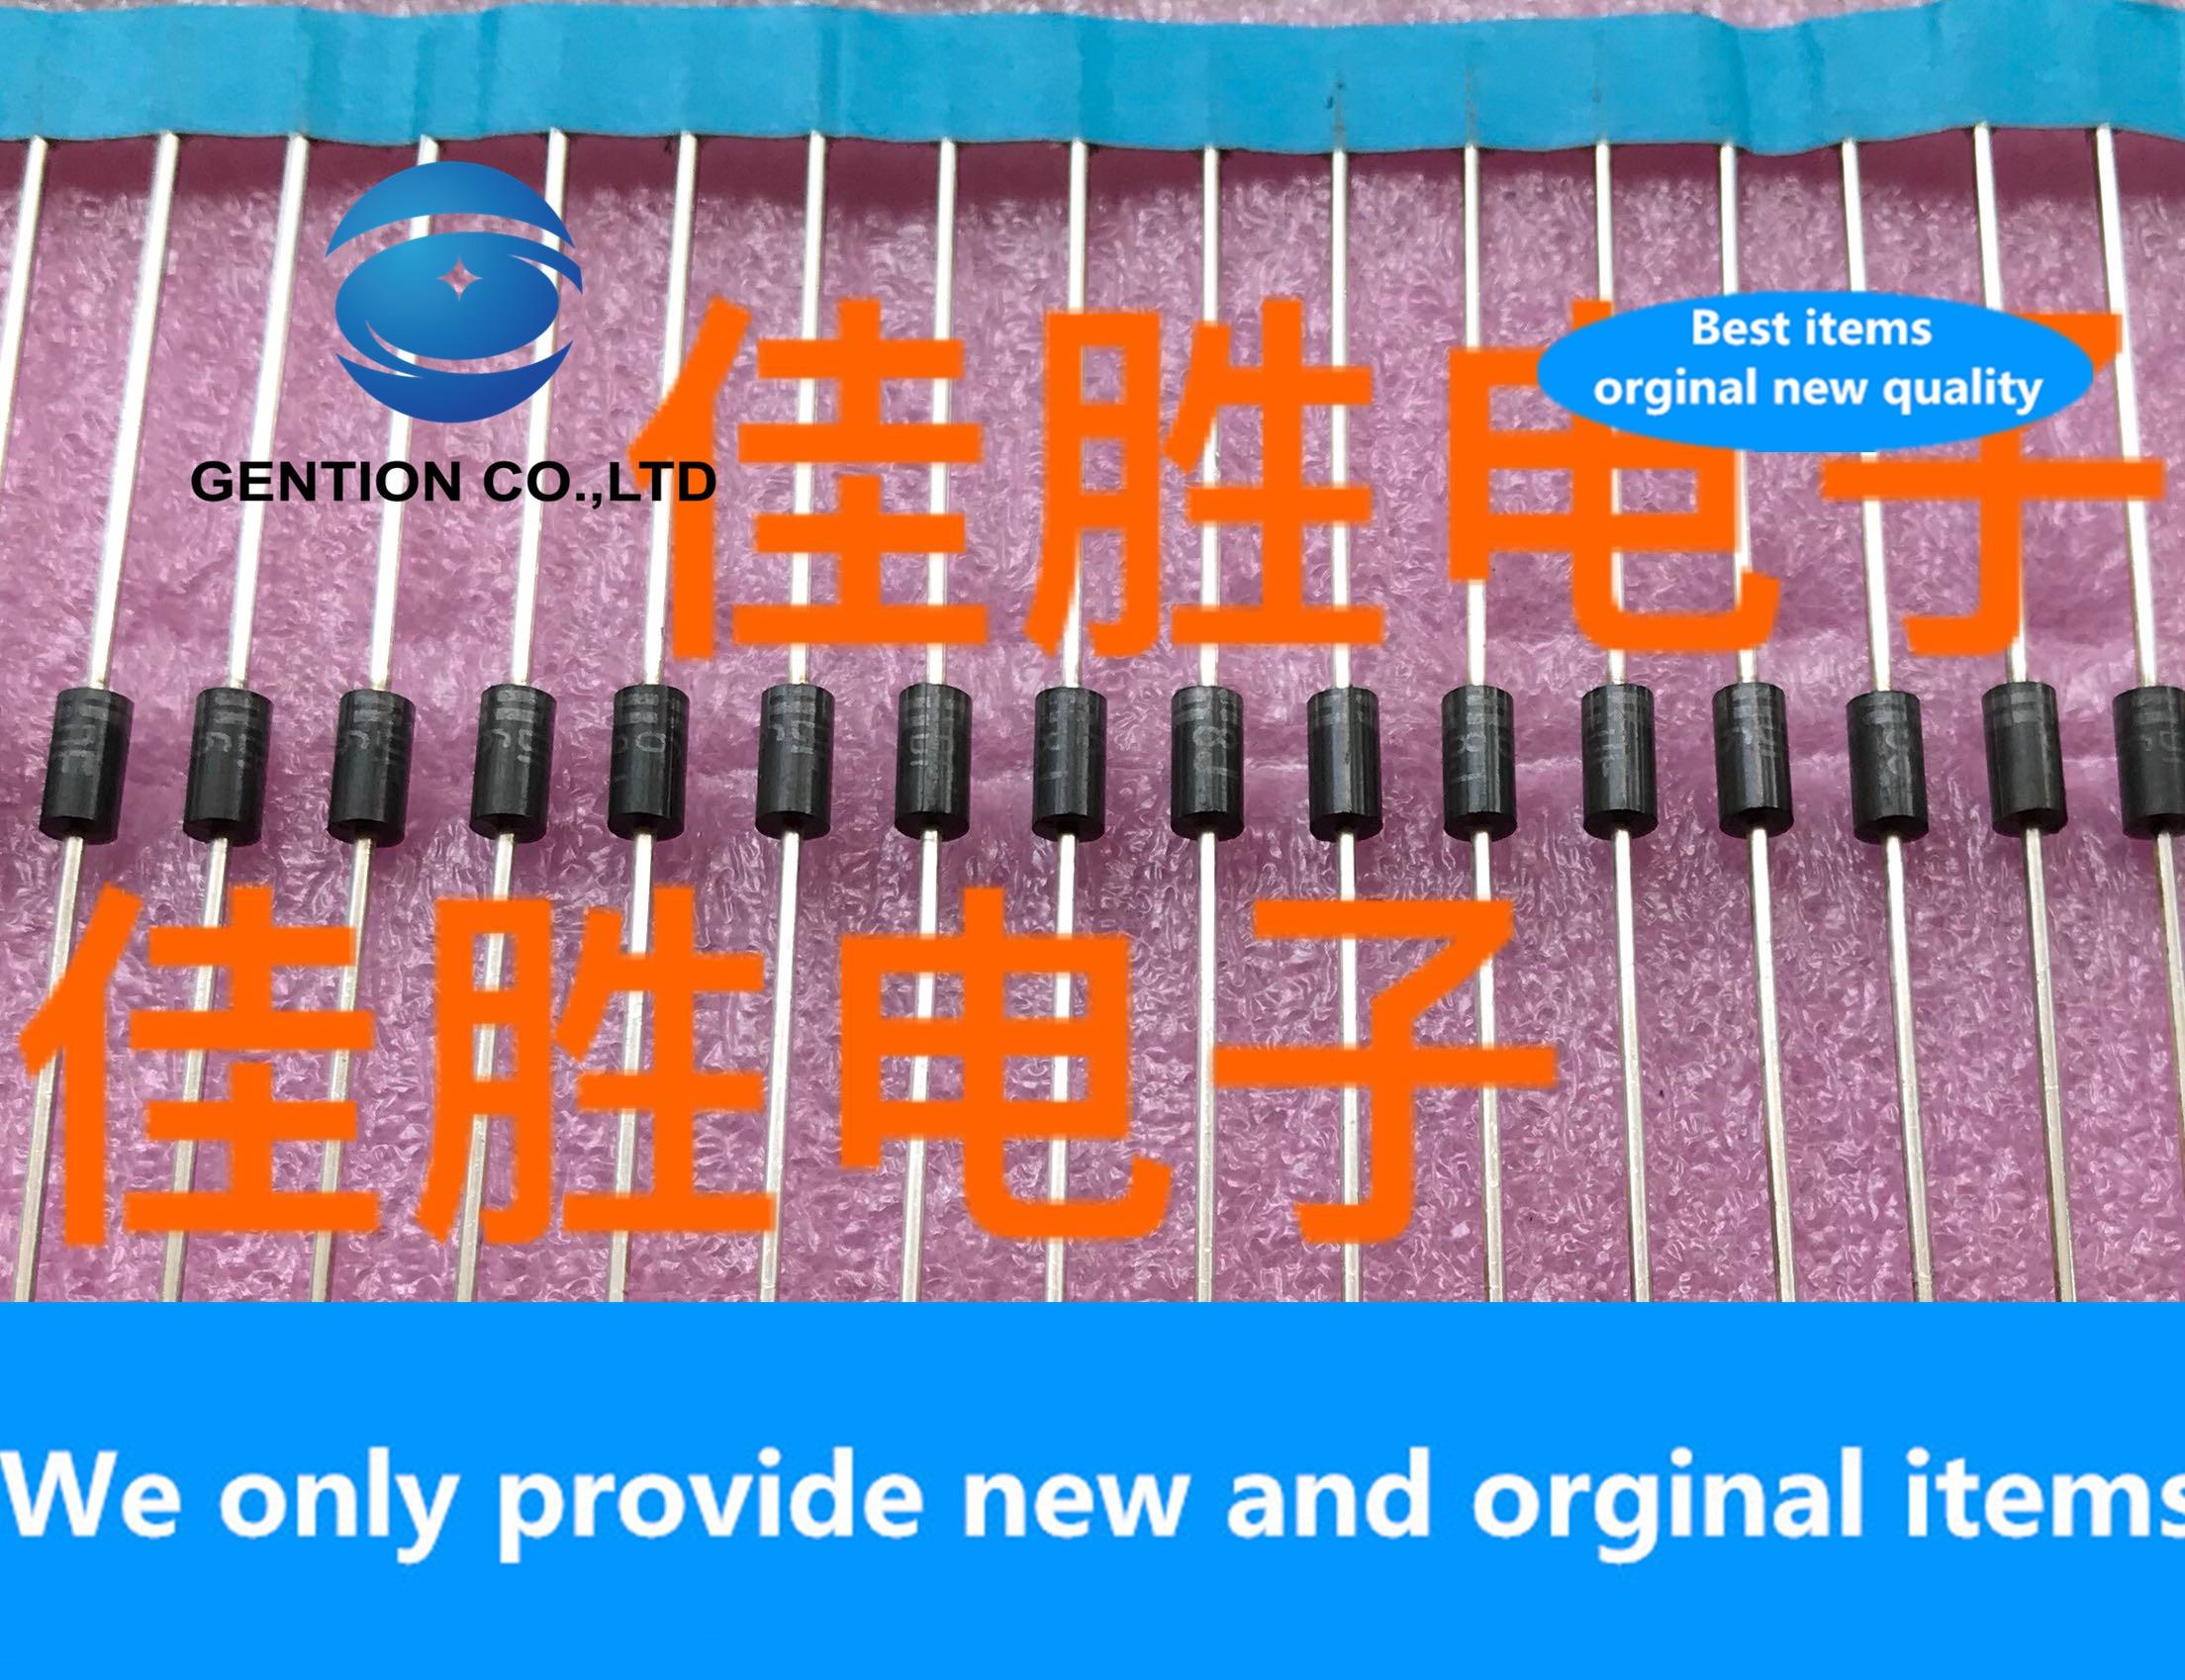 30 Uds 100% nuevo original 10DF6 600V perno Chapado en plata ultra rápida recuperación DO41 pantalla de seda DF6